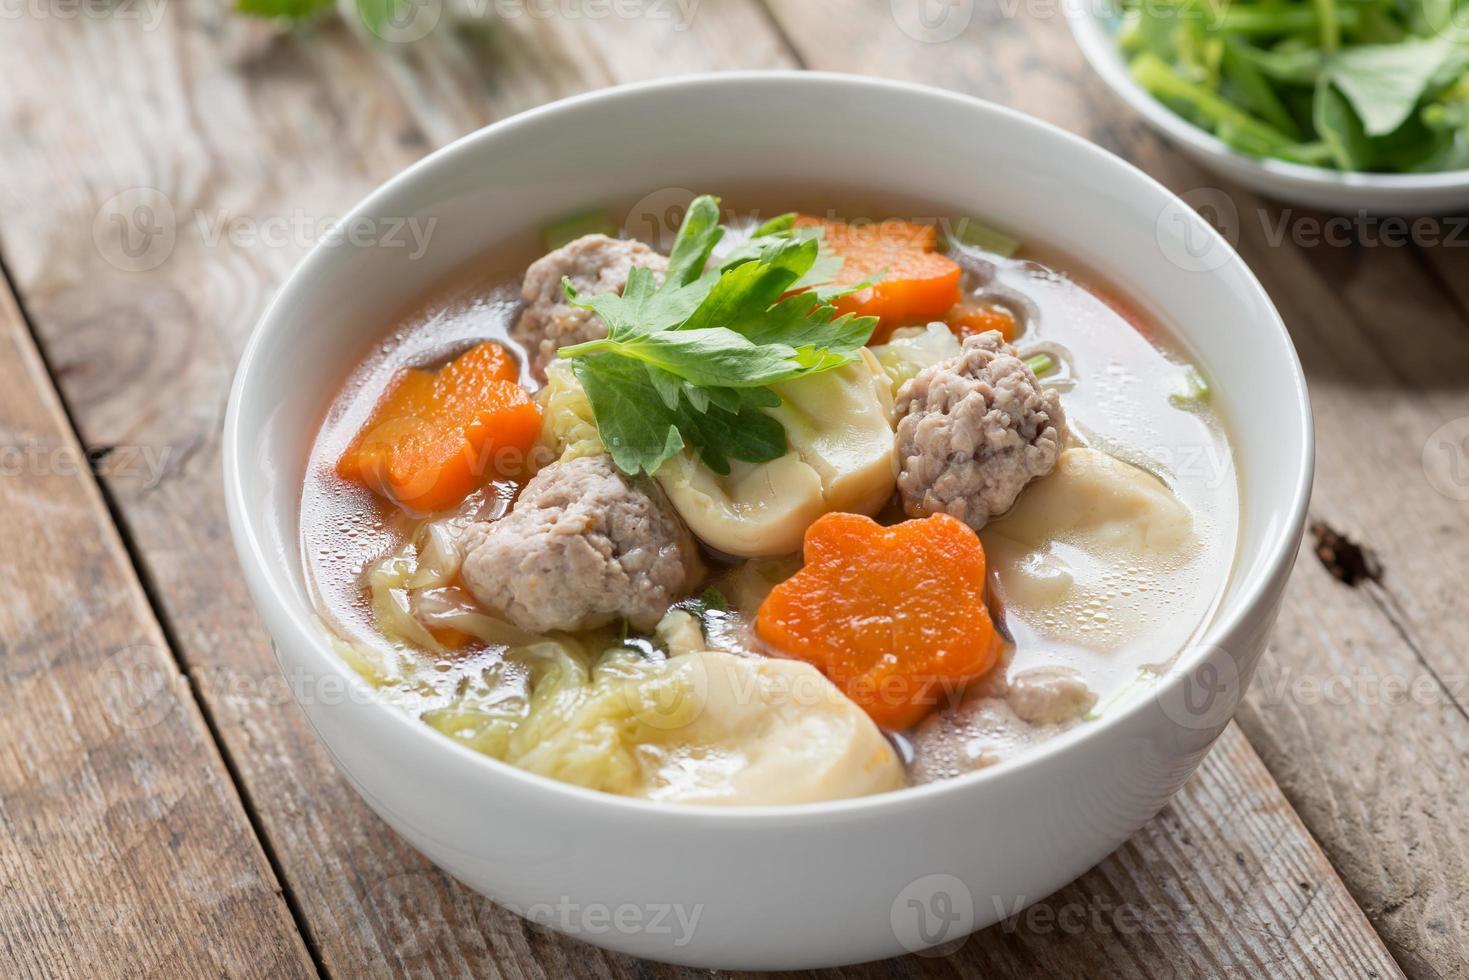 soupe claire avec des légumes et des boulettes de viande. photo